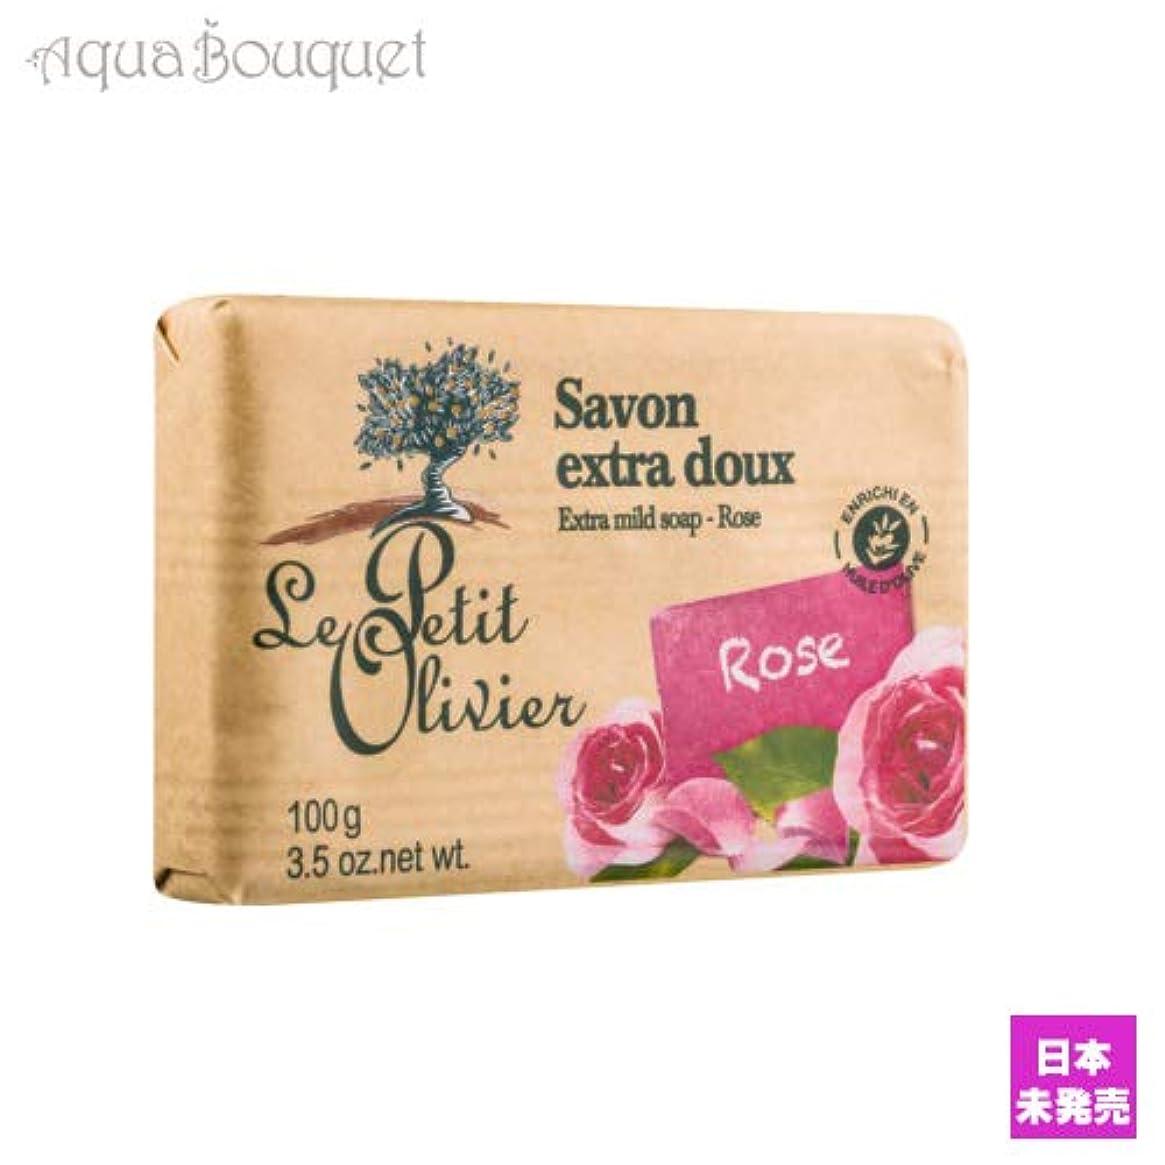 める意図擬人化ル プティ オリヴィエ ローズ ソープ 100g LE PETIT OLIVIER SOAP ROSE [5318] [並行輸入品]